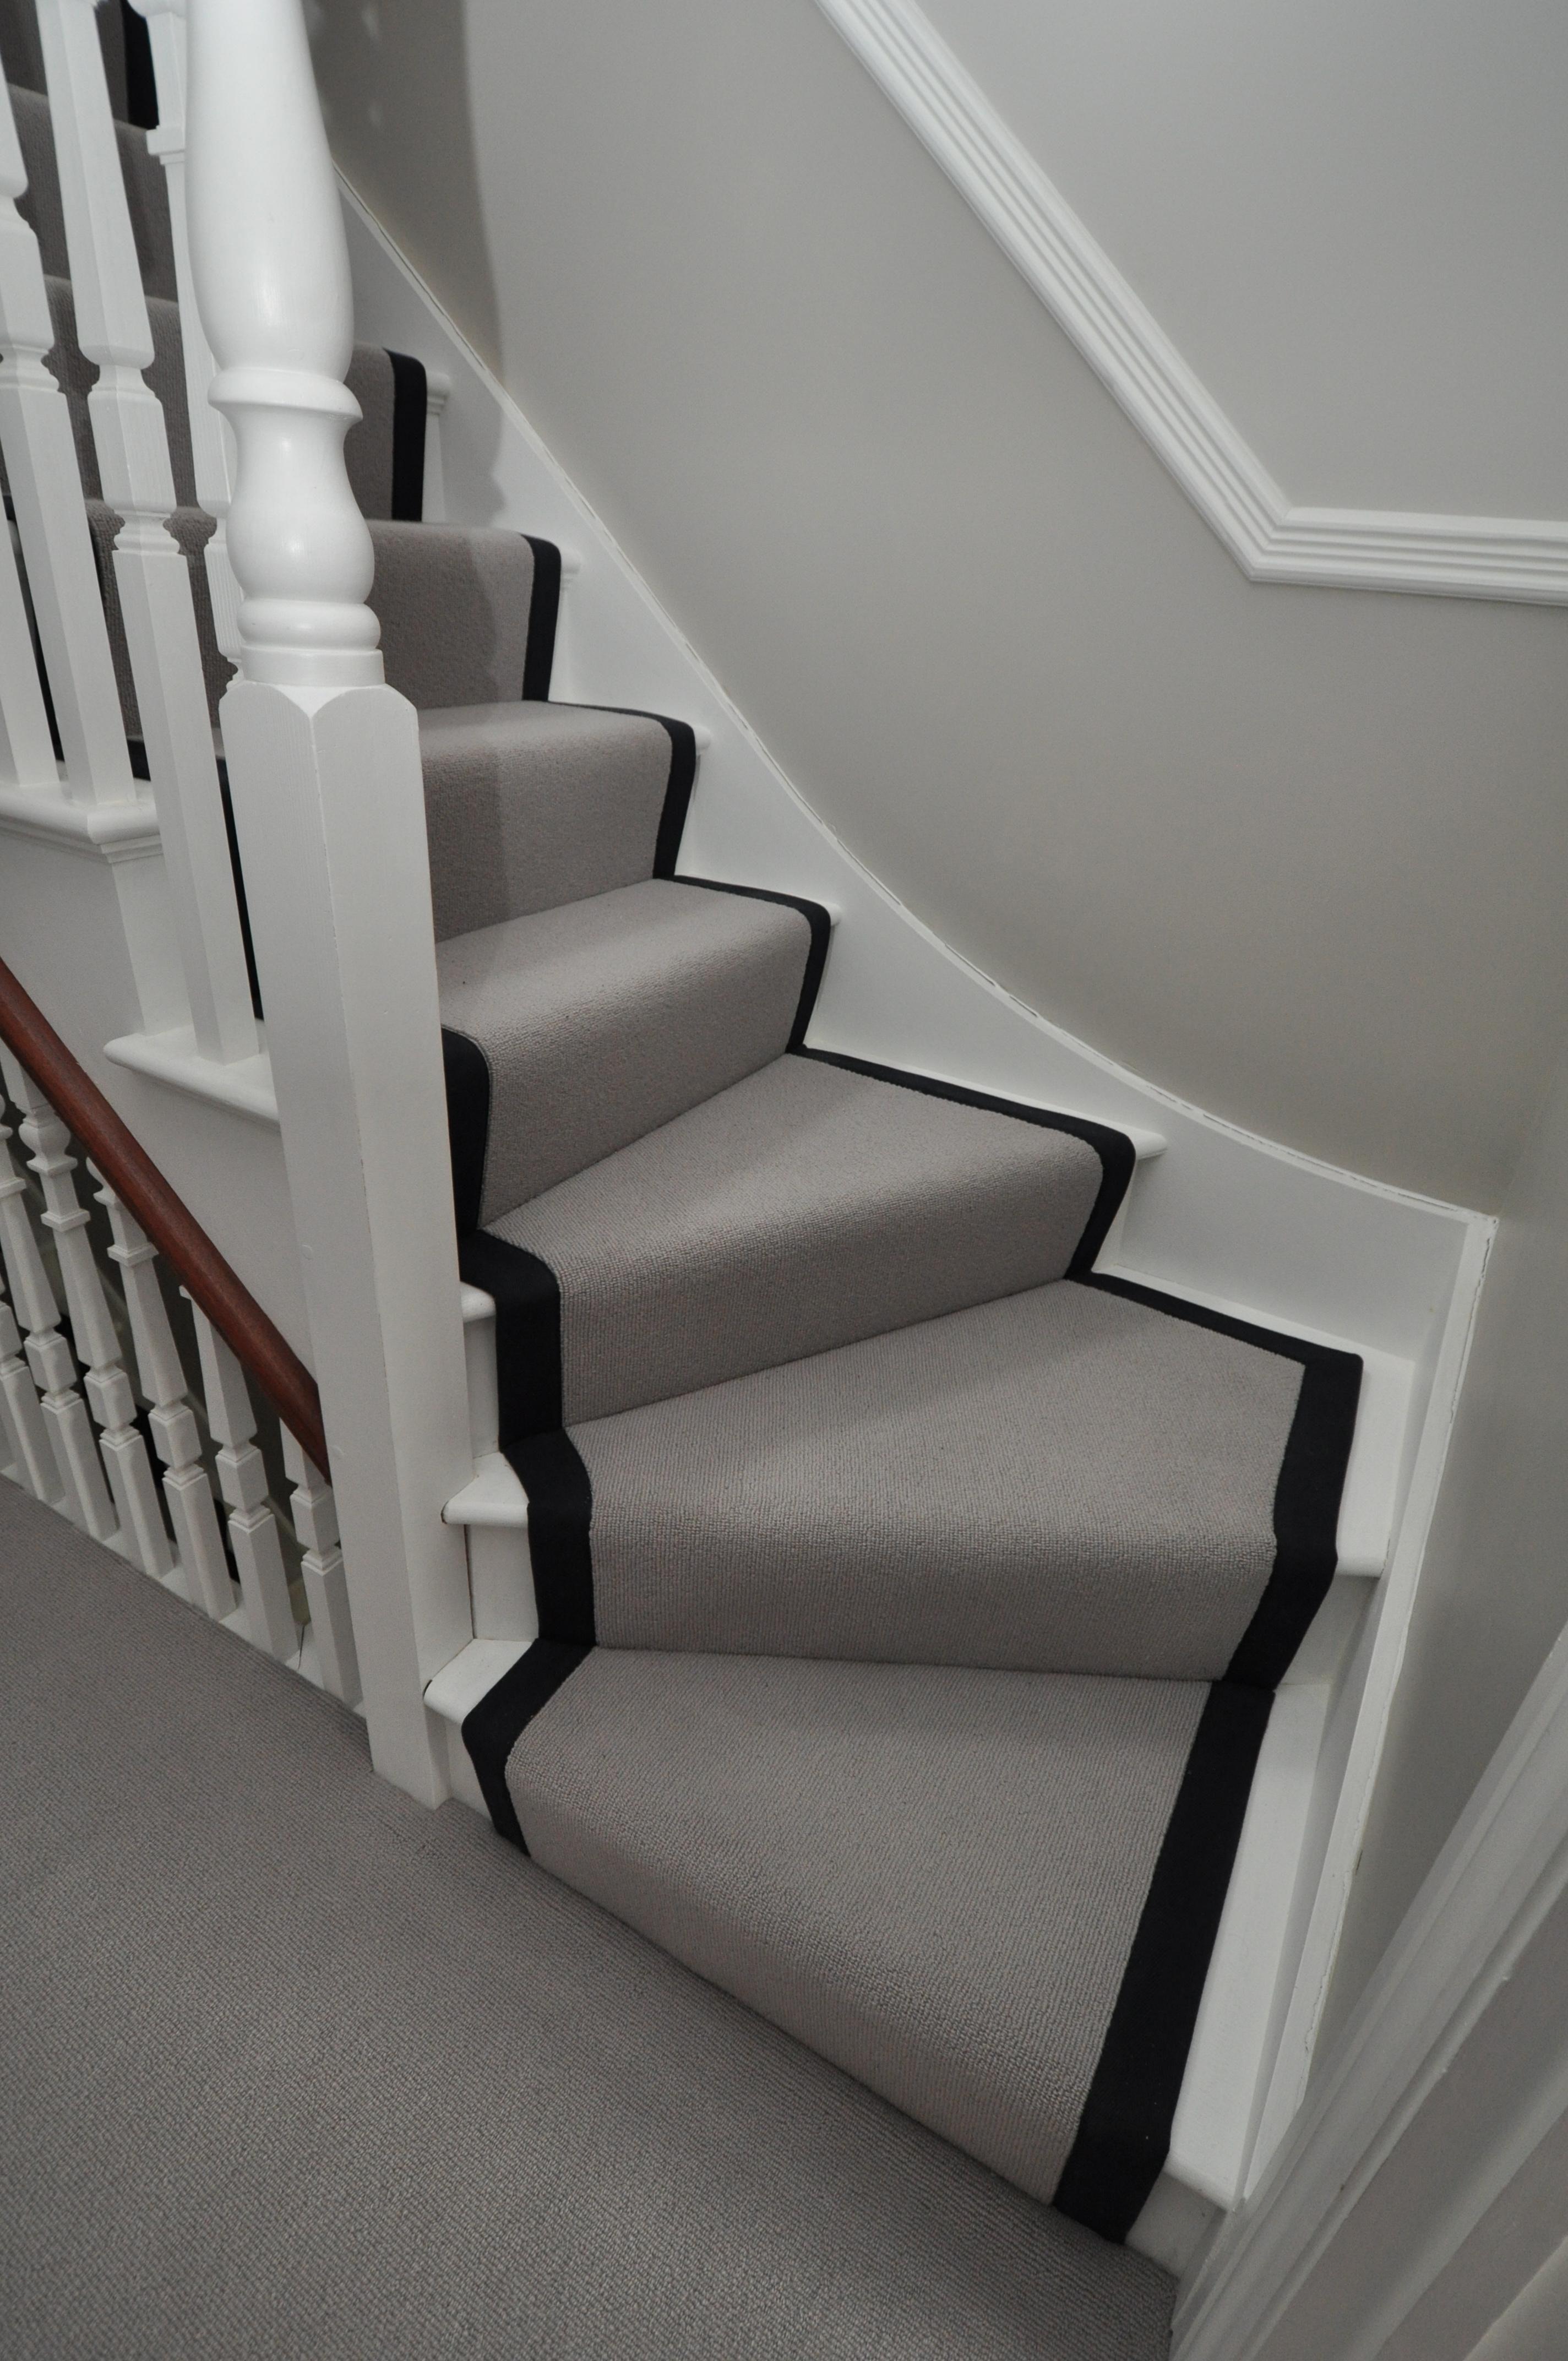 Best 4 041 Wool Stair Runners Bowloom Wool Carpet Fitted Stair 400 x 300